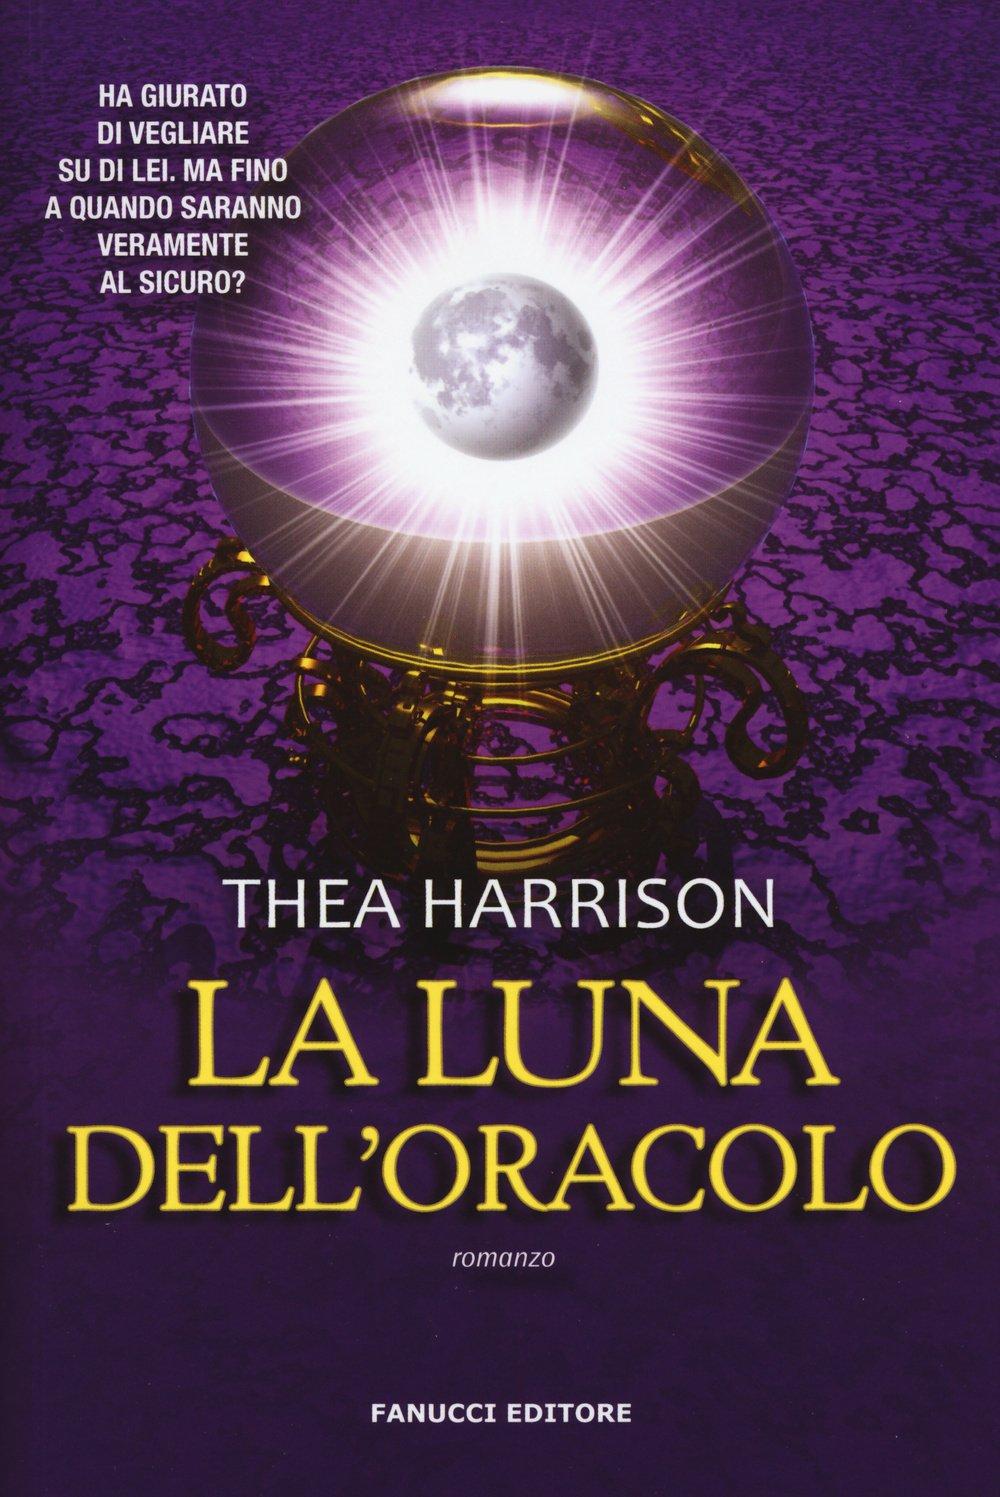 La luna dell'oracolo